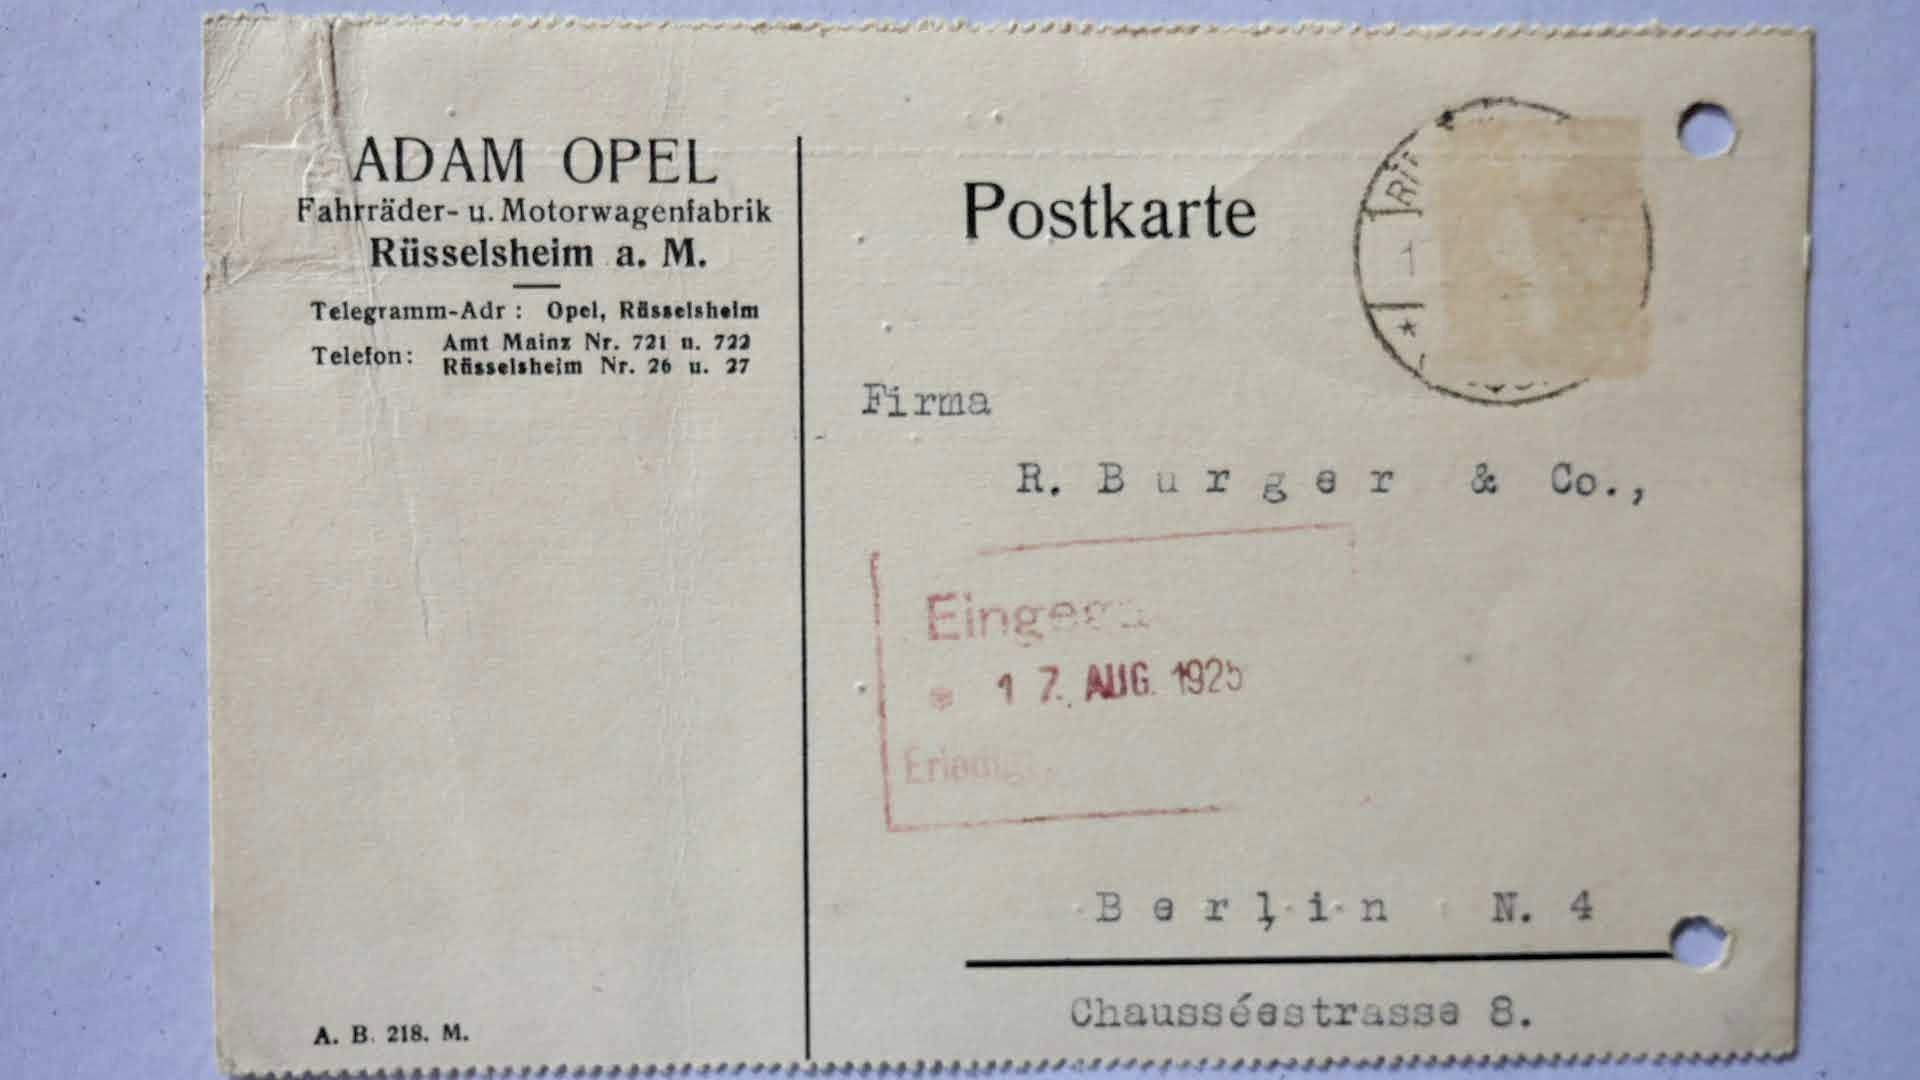 Adam Opel schreibt an Fa. R. Burger & Co. zum Zündkerzenprüfer